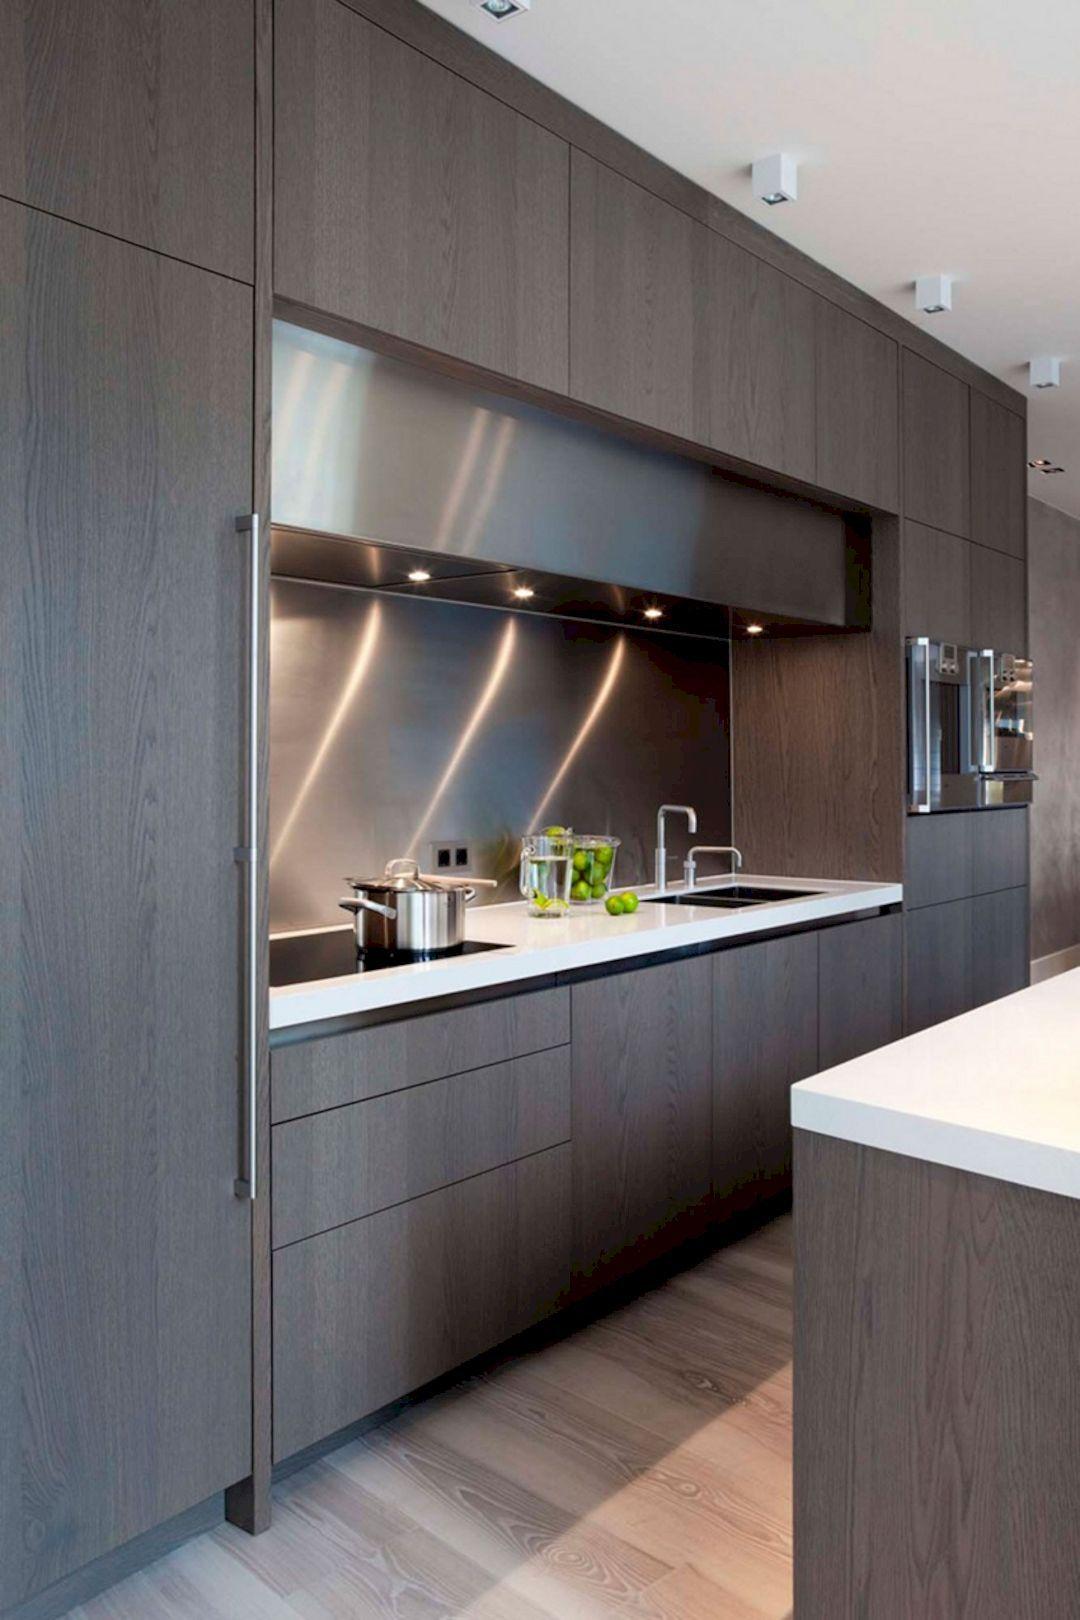 stylish modern kitchen cabinet: 127 design ideas | furniture design